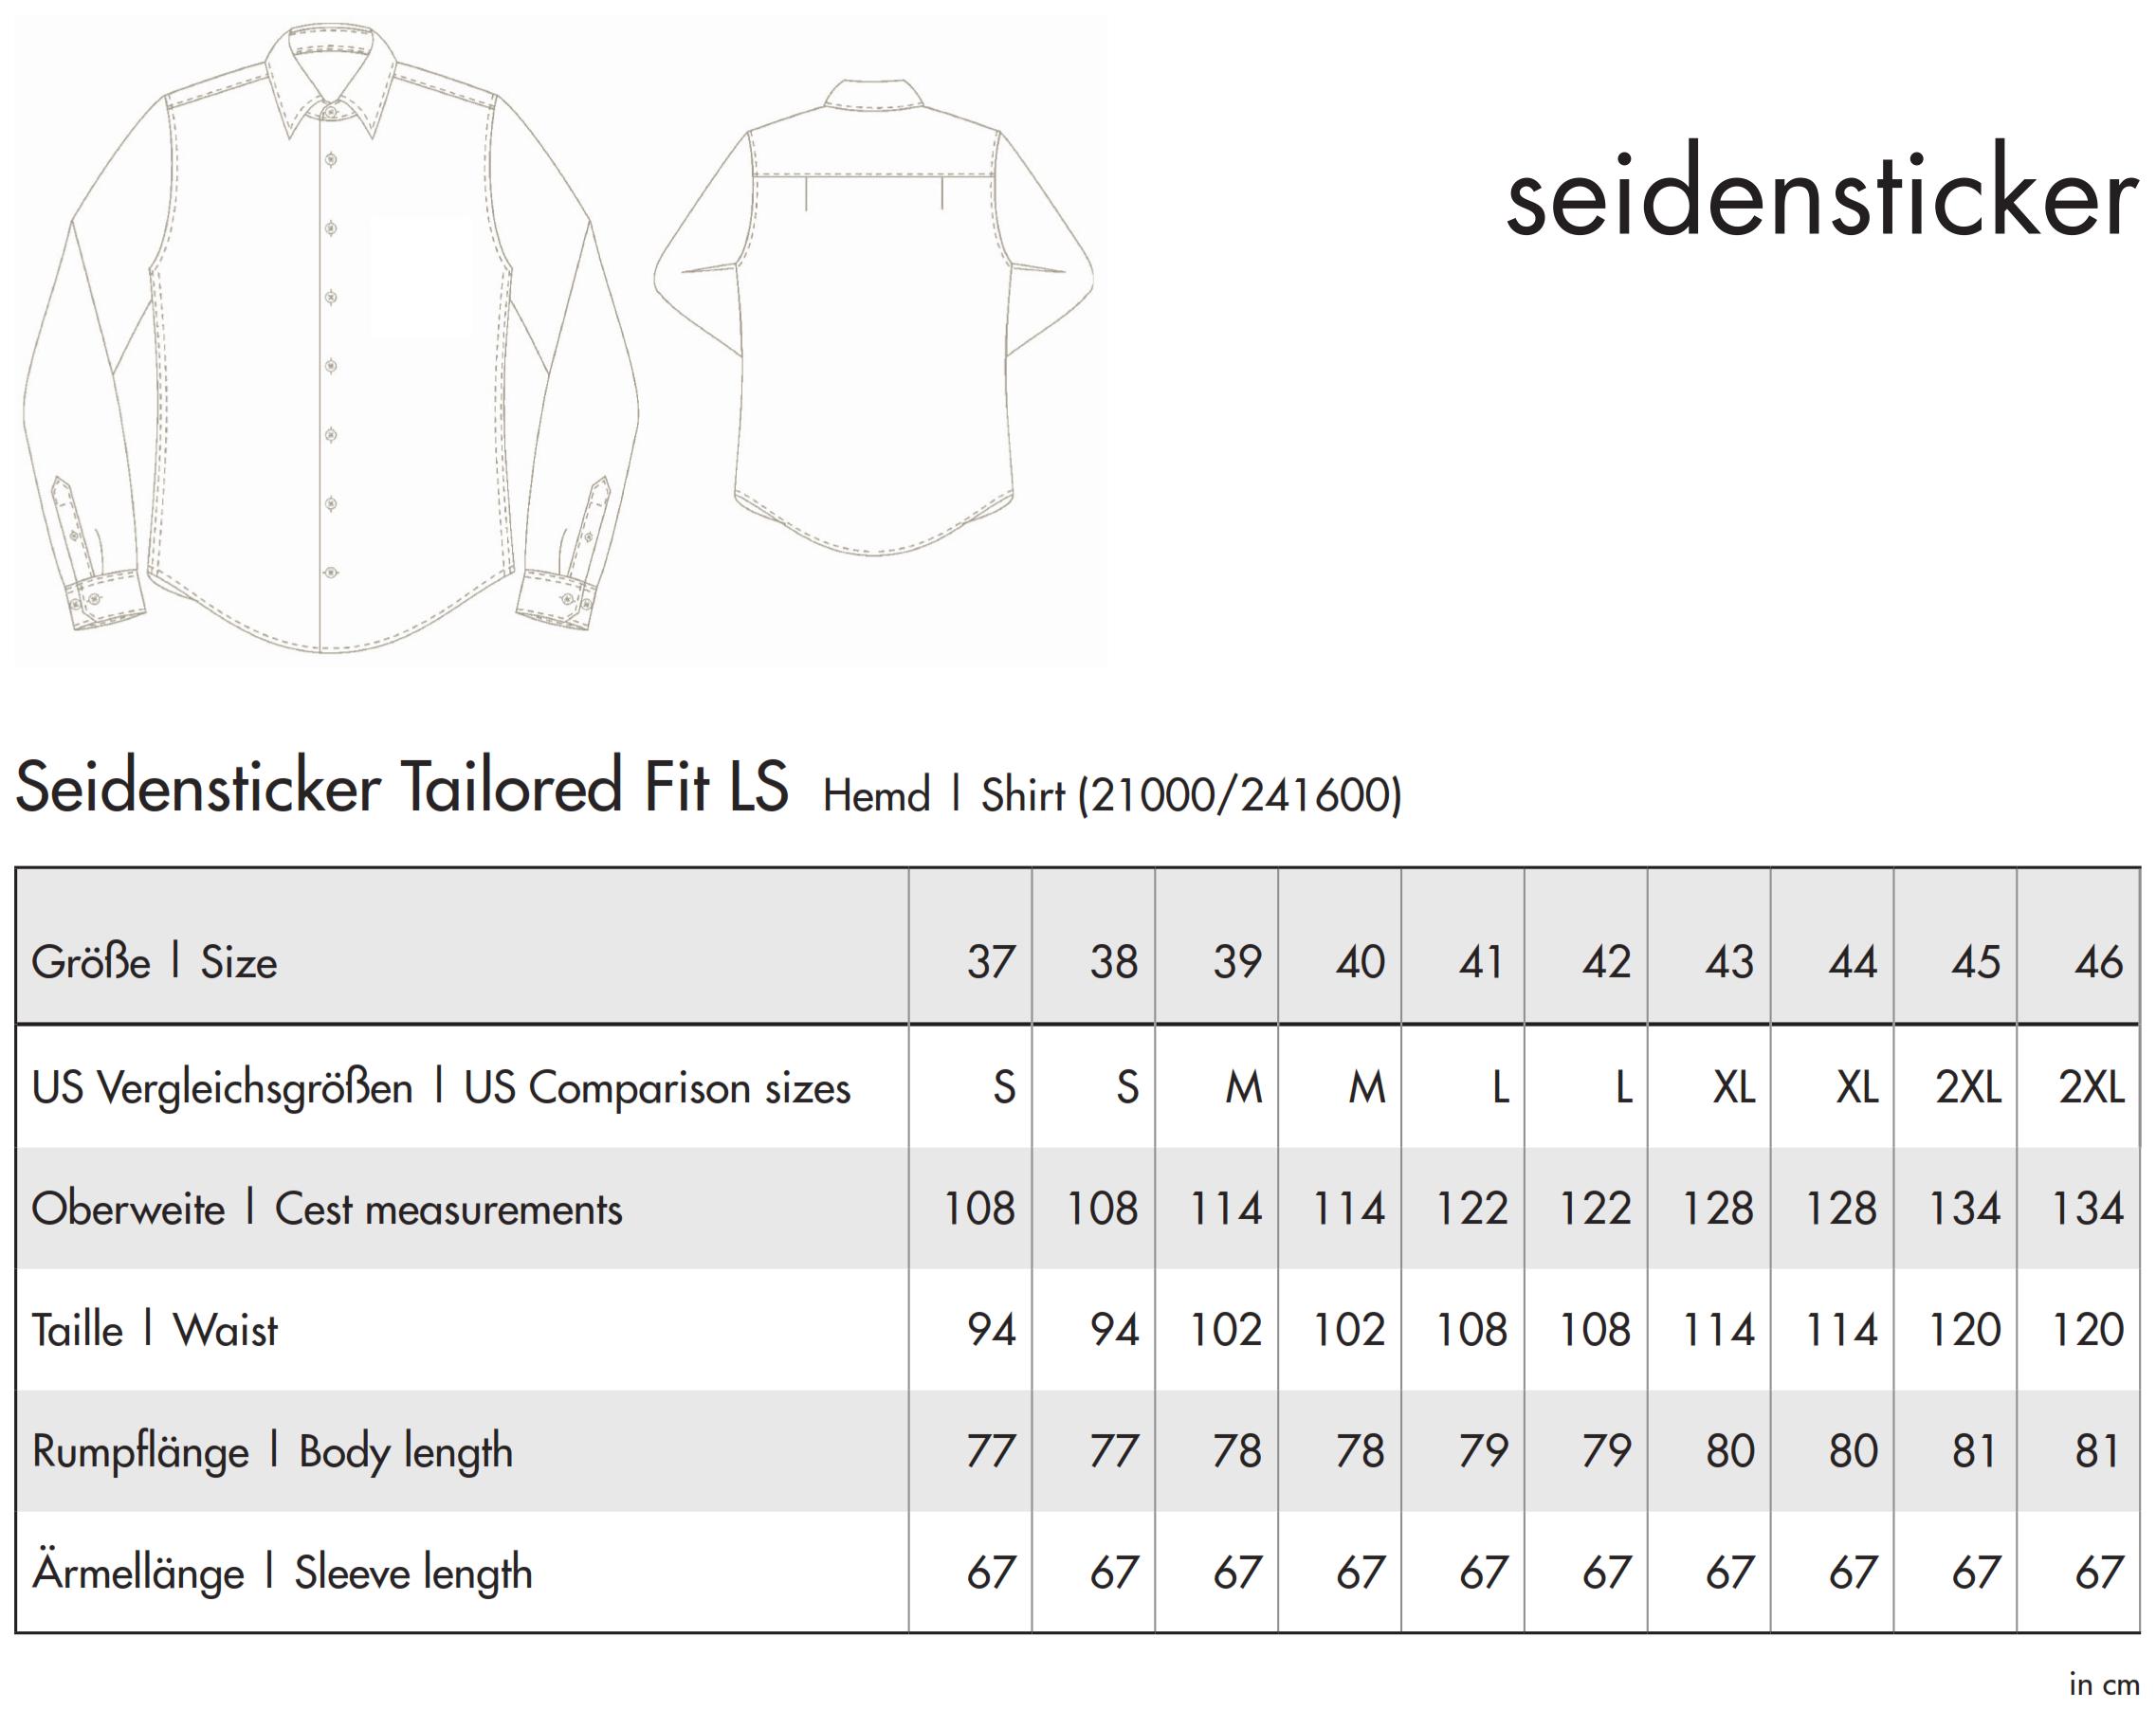 Seidensticker: Shaped Fit 1/1 Business Kent 021000/241600